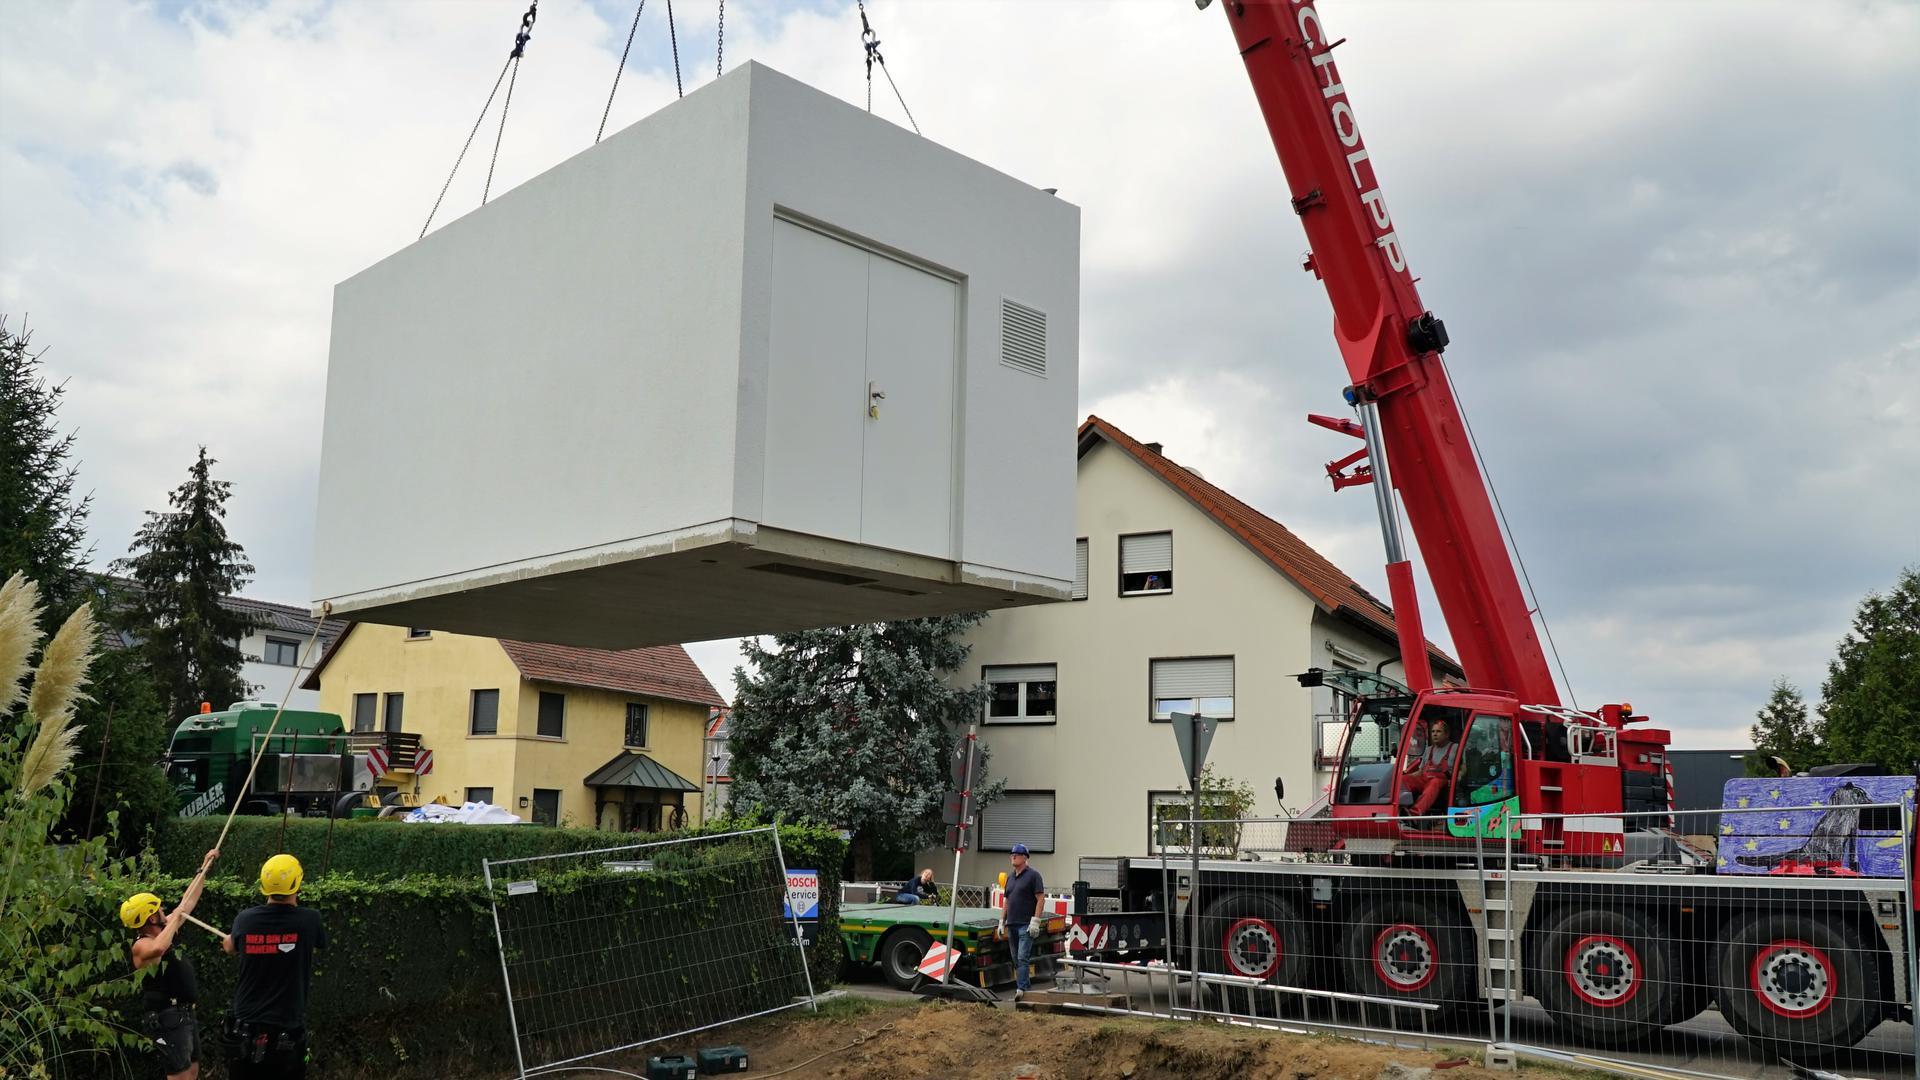 Ein Container an einem Kran.